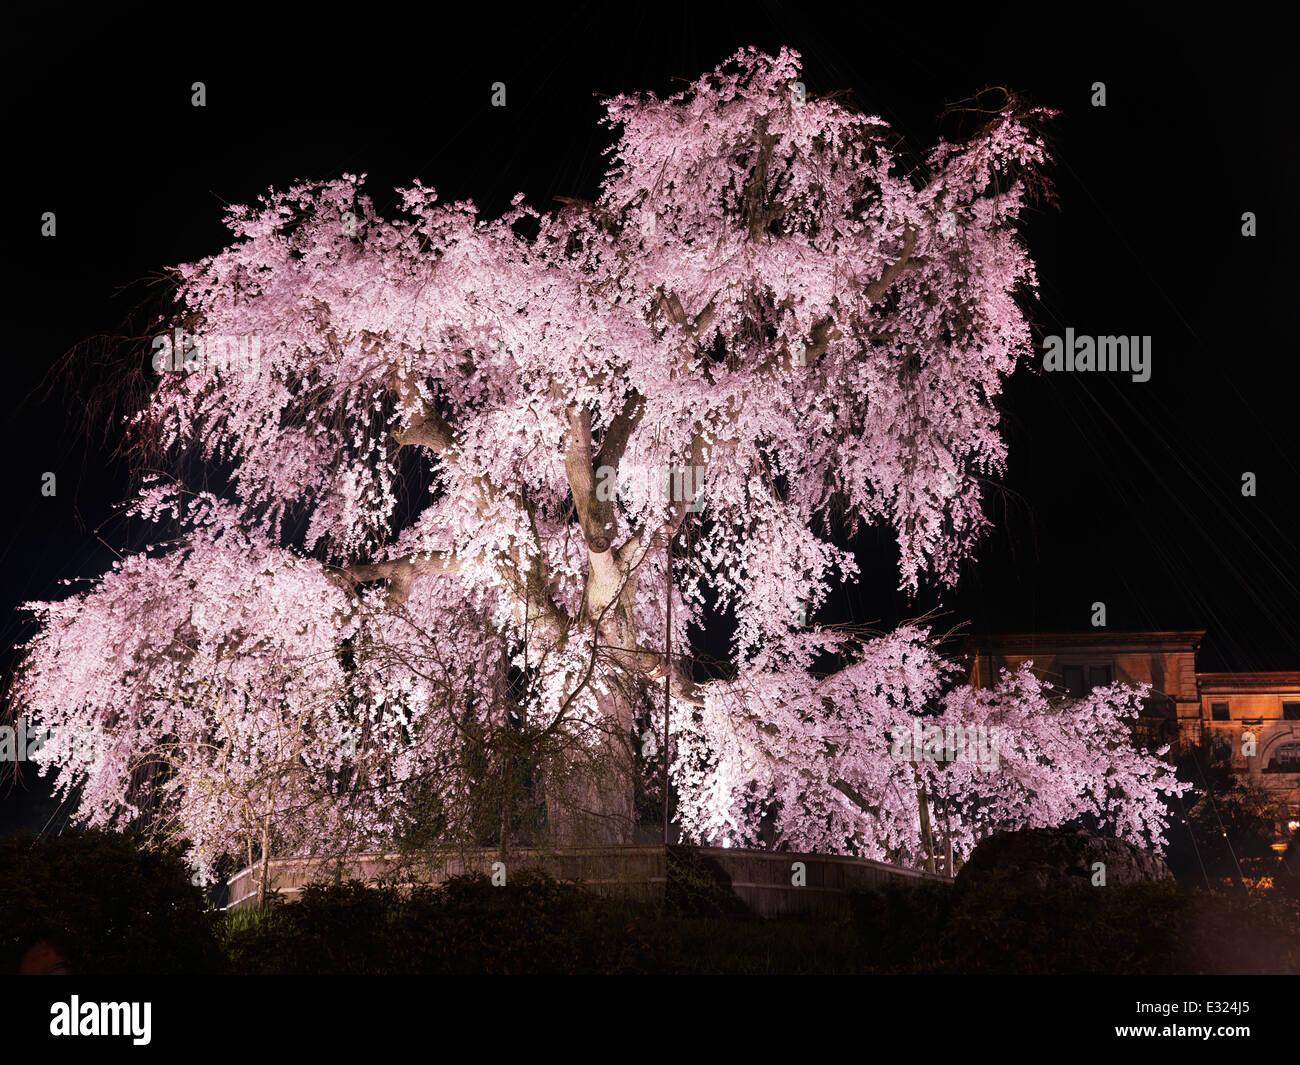 Il vecchio ciliegio piangente, shidarezakura, illuminata di notte nel Parco di Maruyama, Gion, Kyoto, Giappone 2014 Immagini Stock